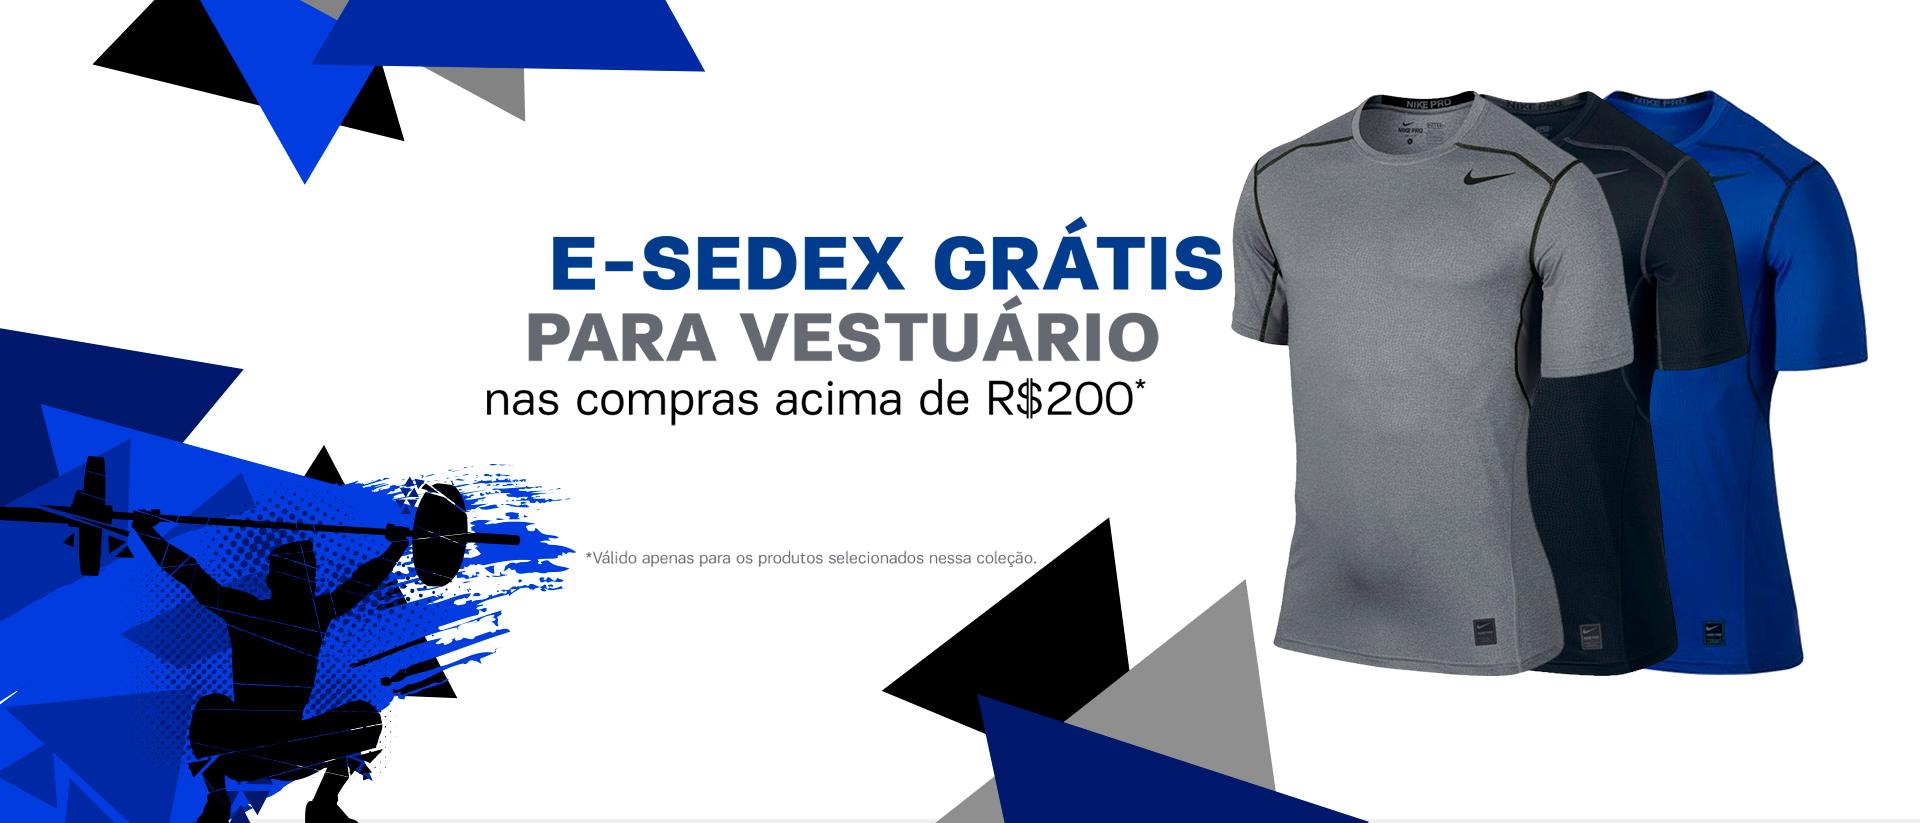 E-Sedex grátis Vestuário